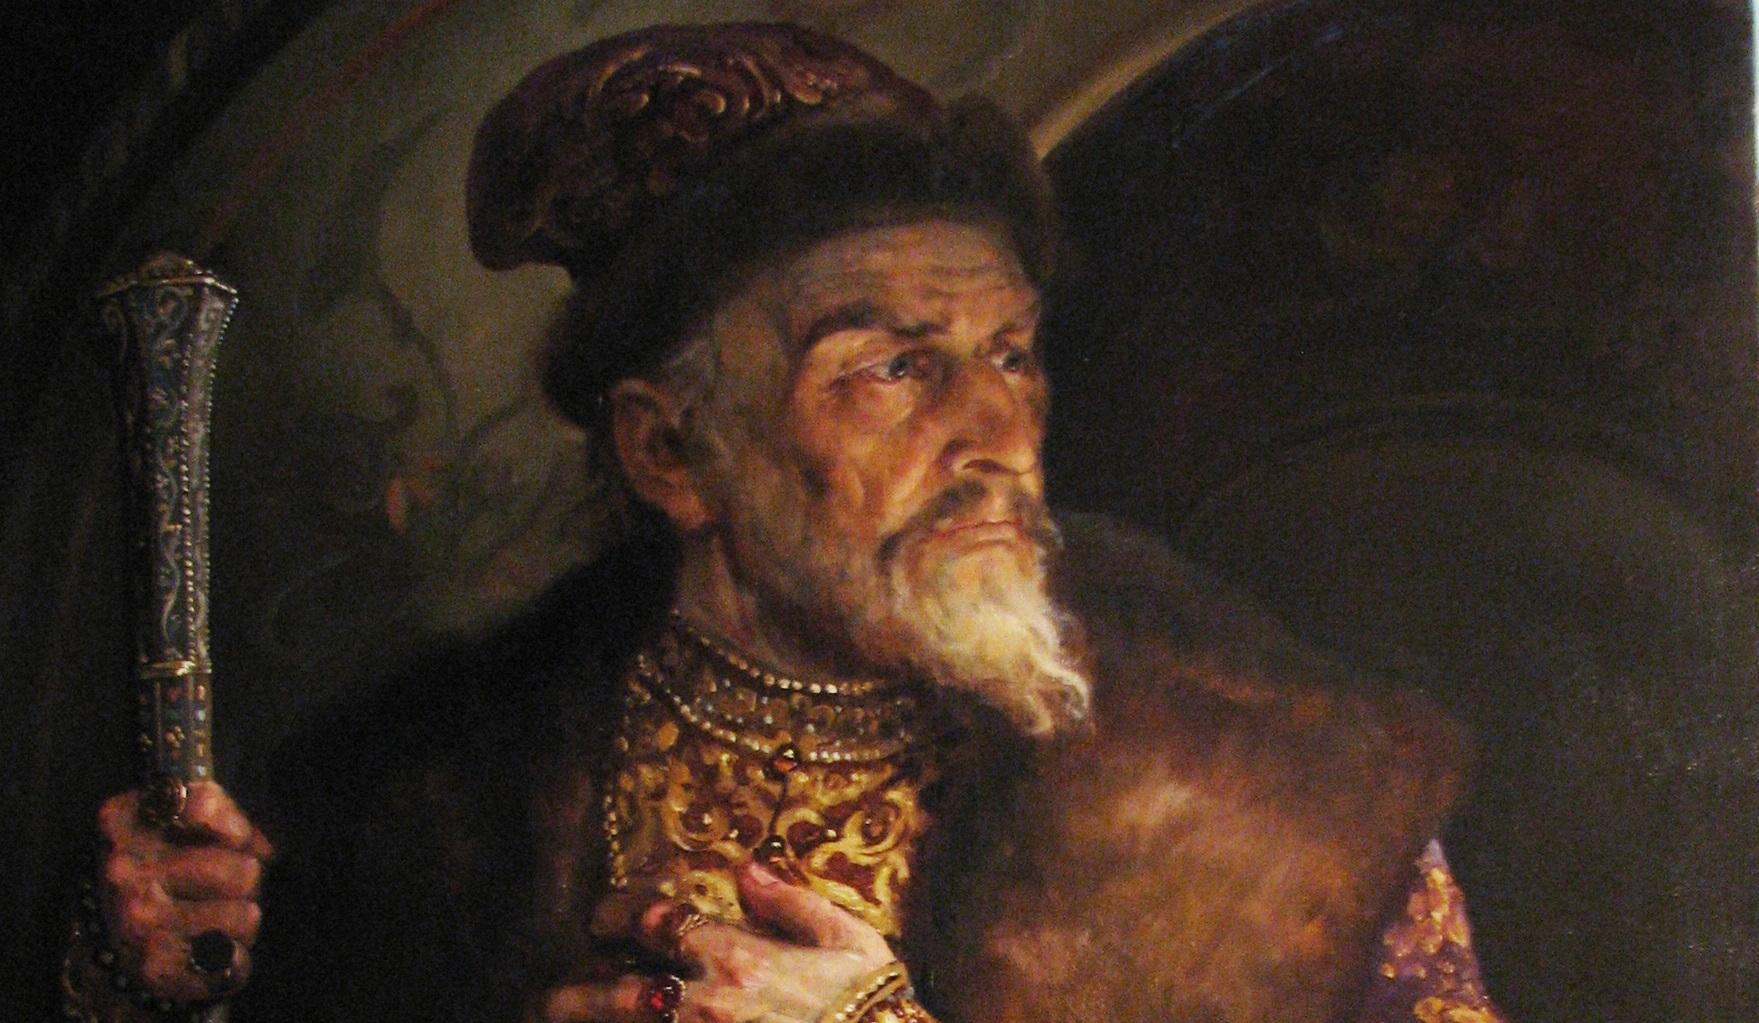 Бауэр иван васильевич фото